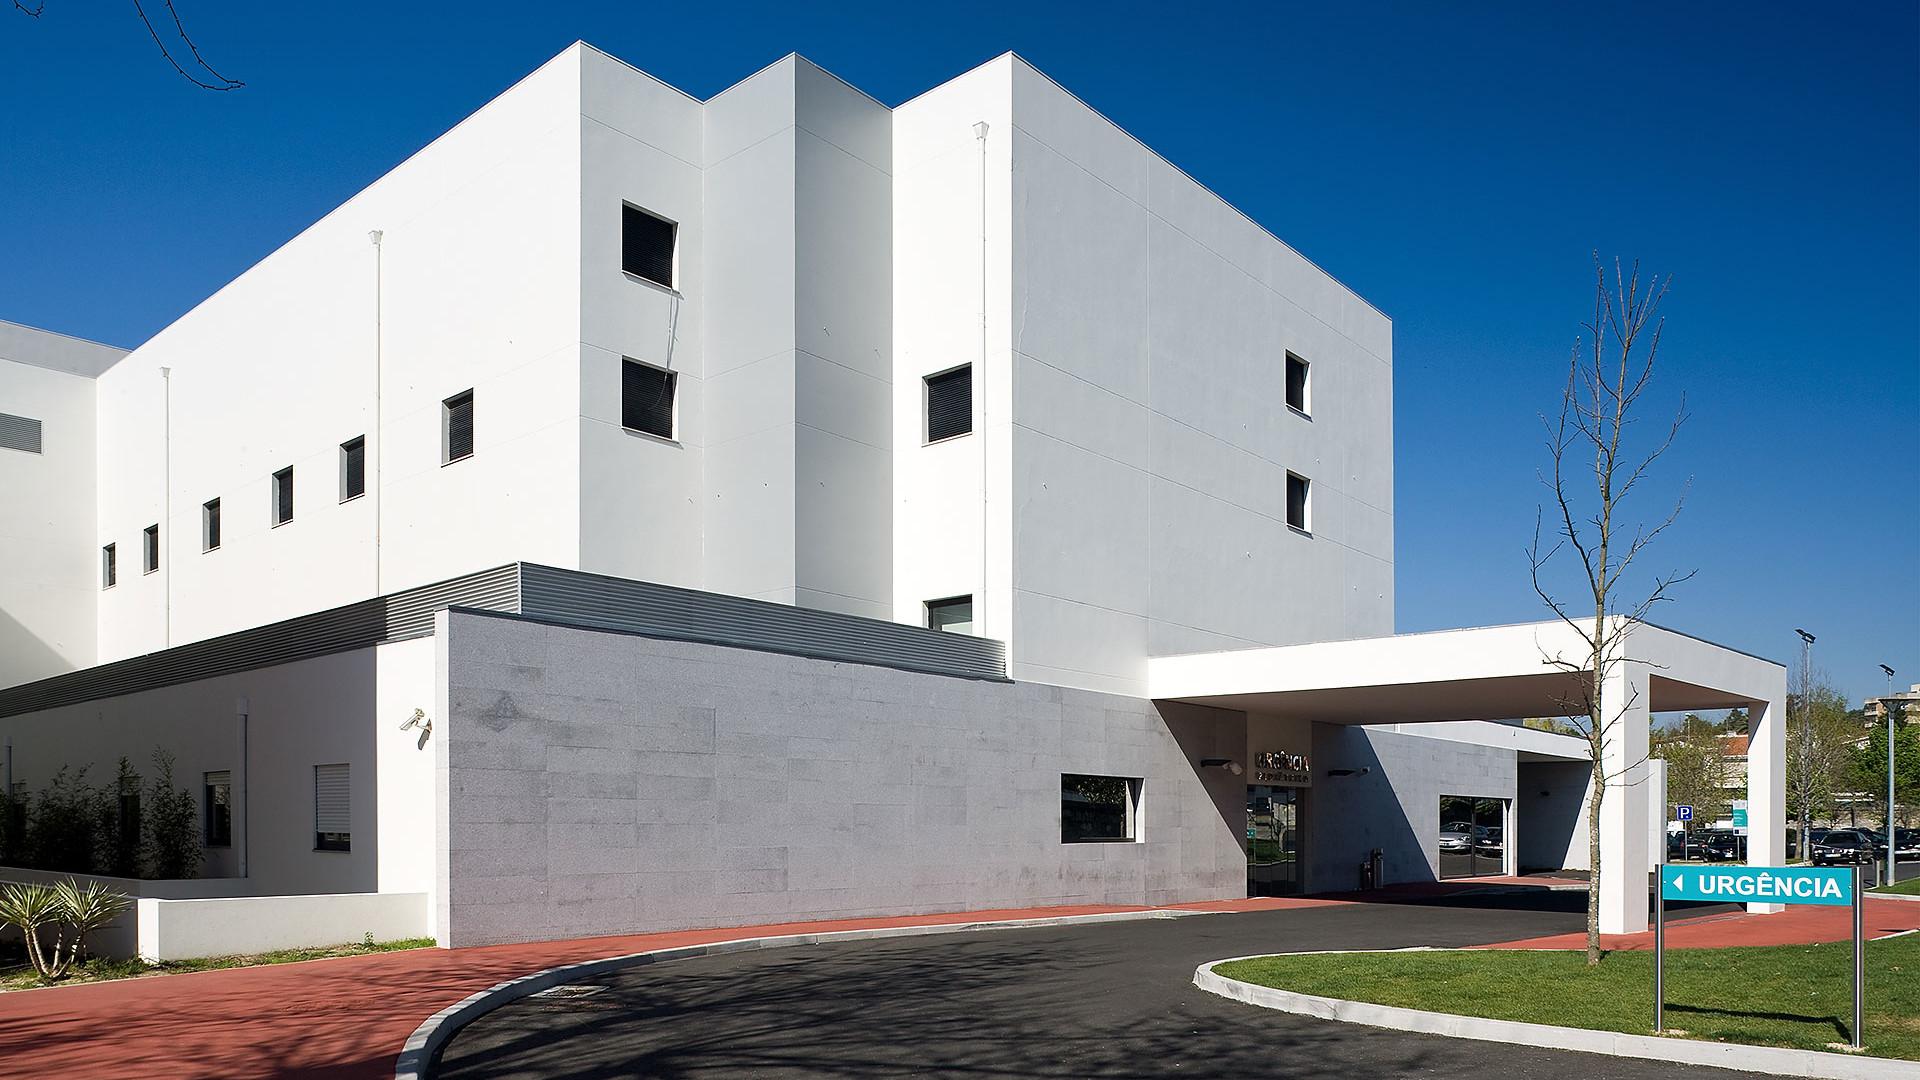 Vila Nova de Famalicão Hospital